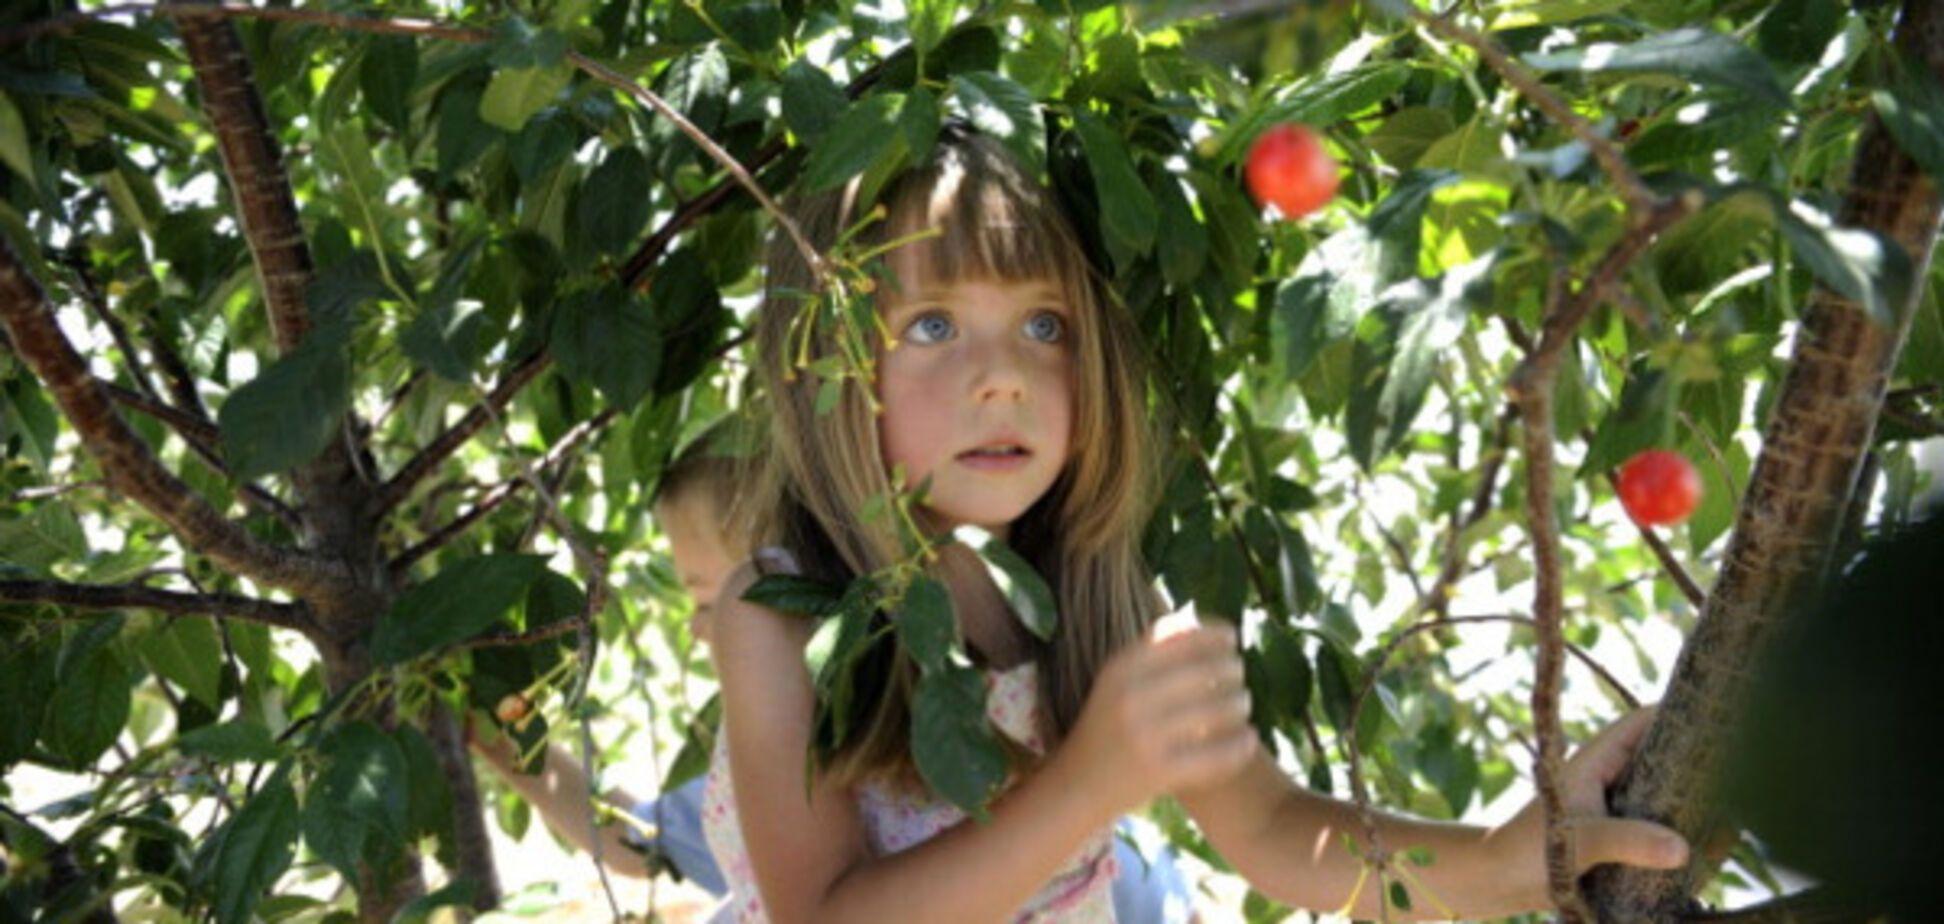 Аллергия на фрукты и ягоды: в чем причина и как избежать